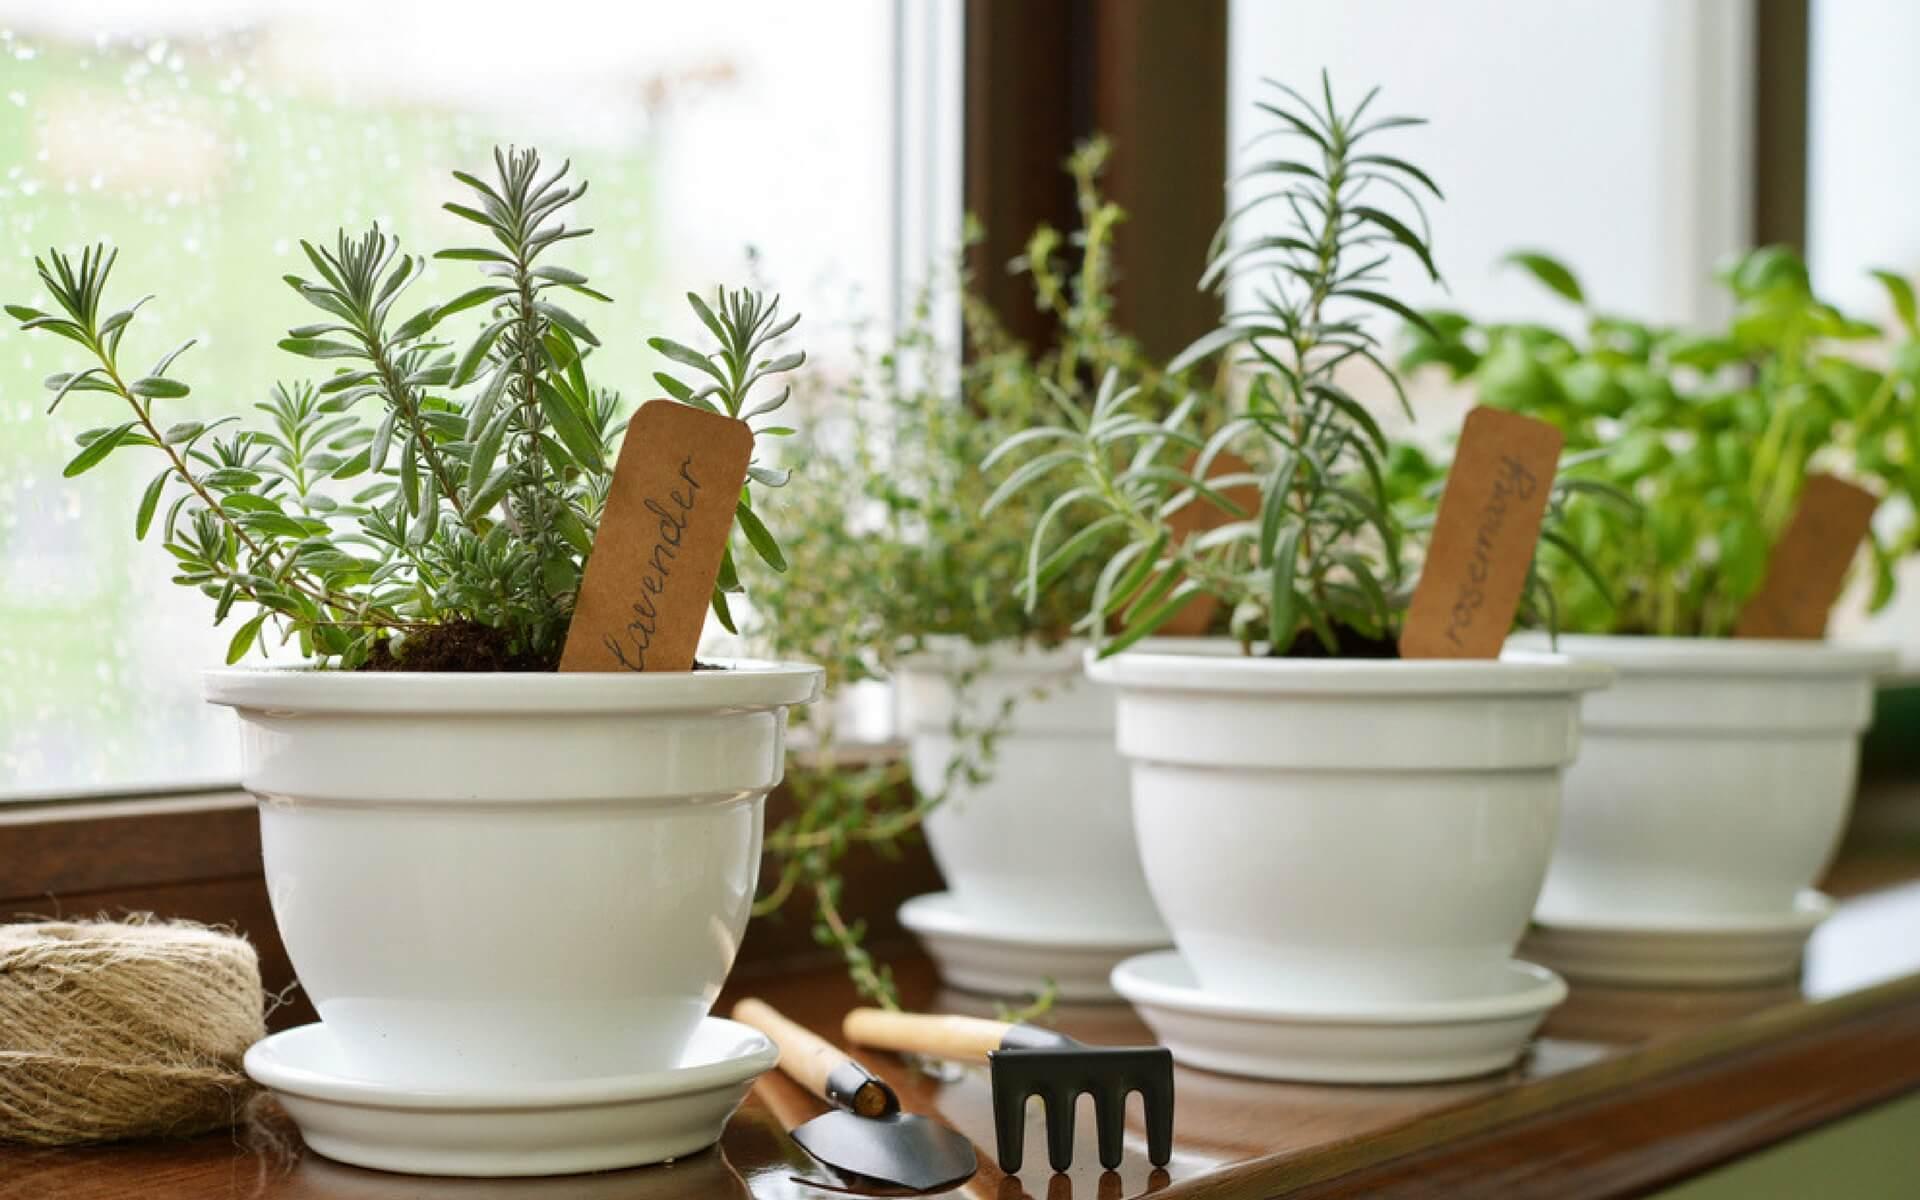 Quali sono le piante aromatiche e i fiori tipici di una casa provenzale